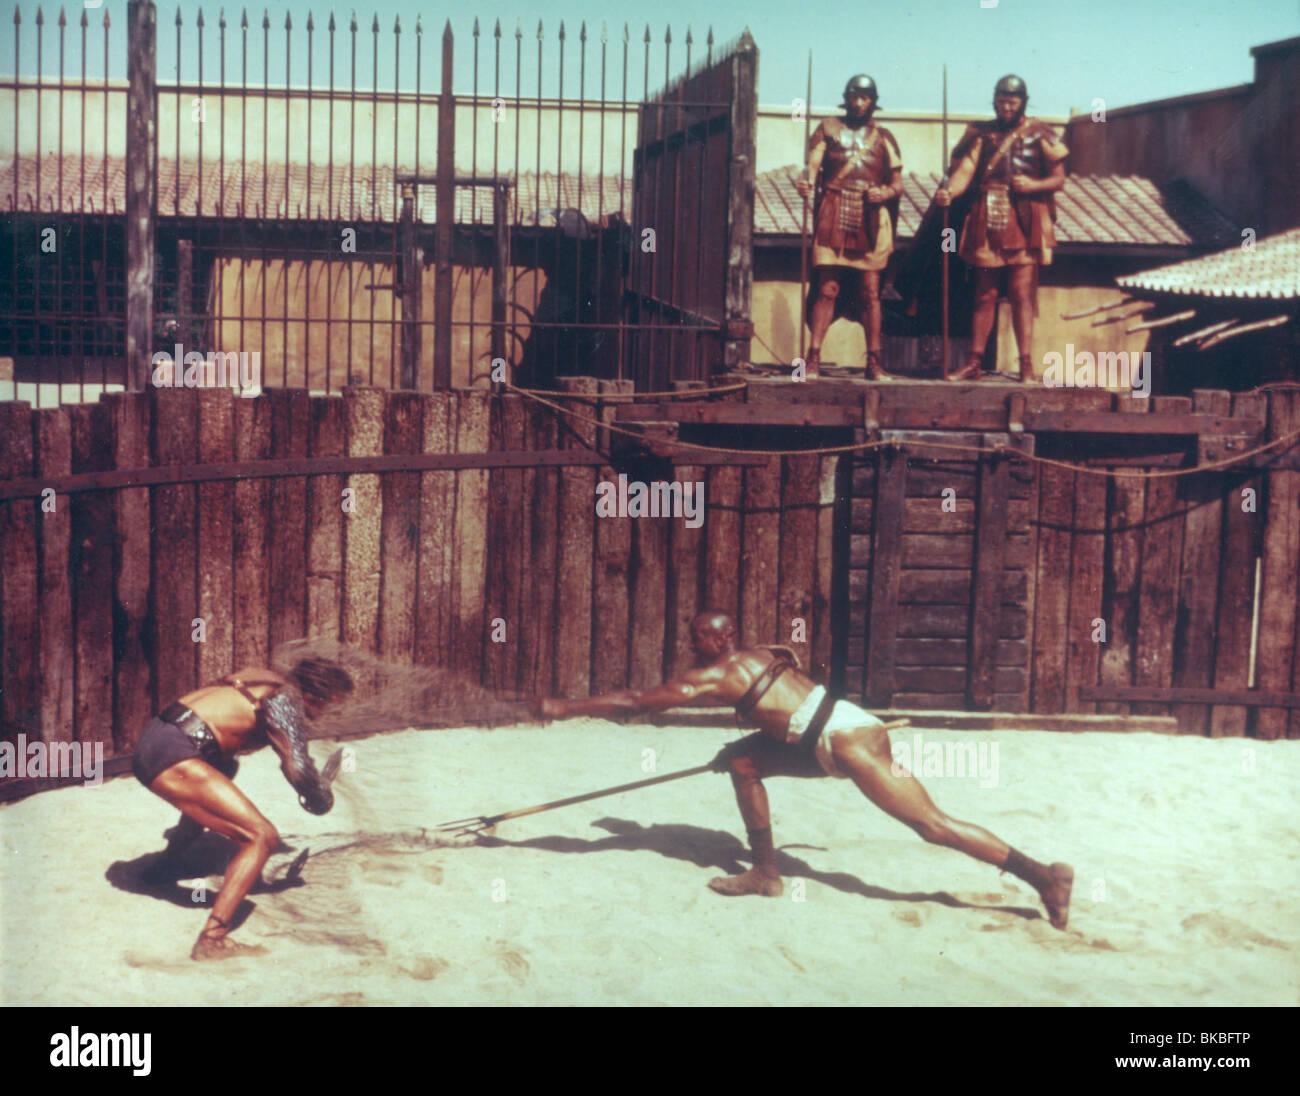 SPARTACUS -1960 - Stock Image